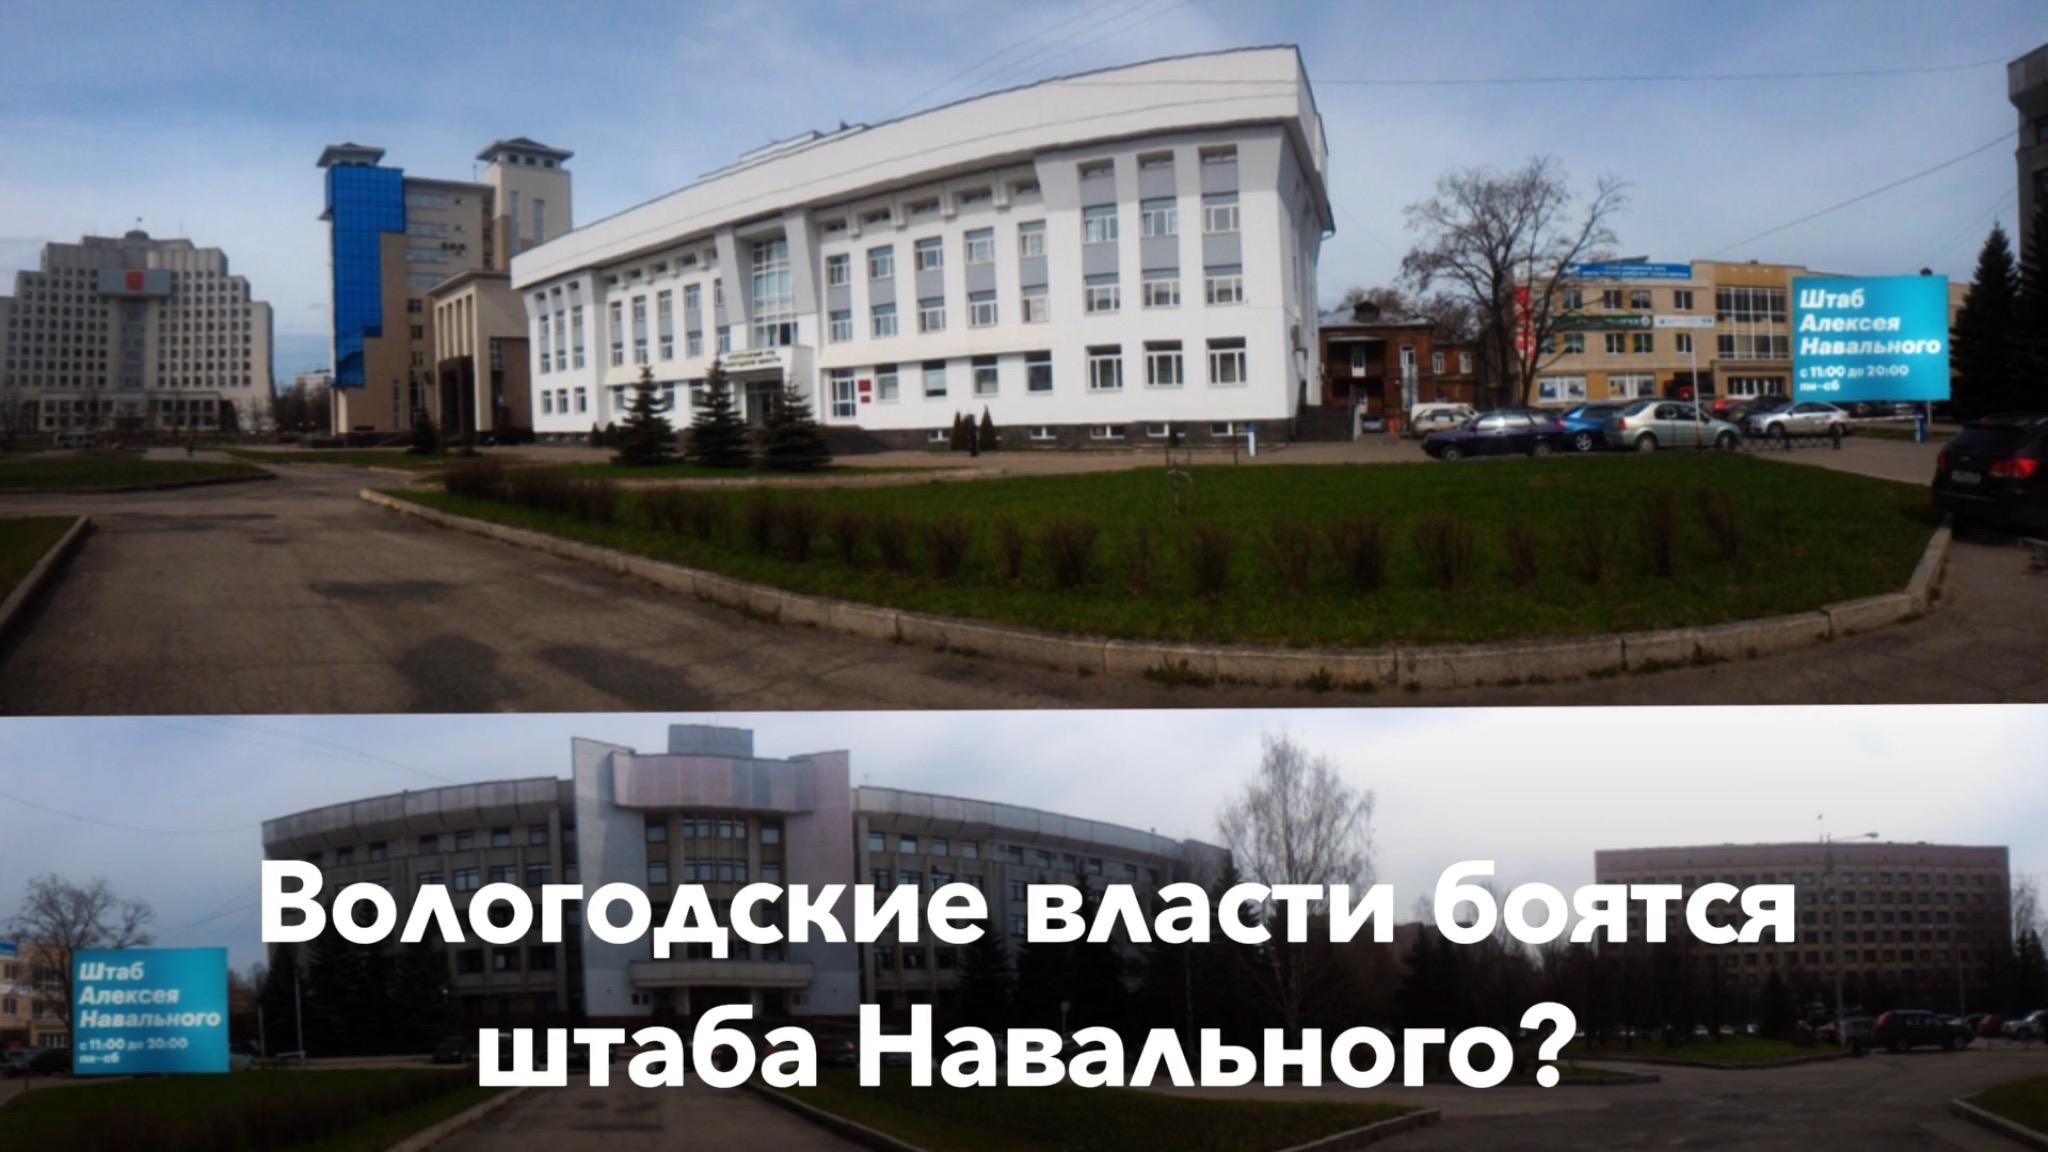 Вологодские власти боятся штаба Навального?